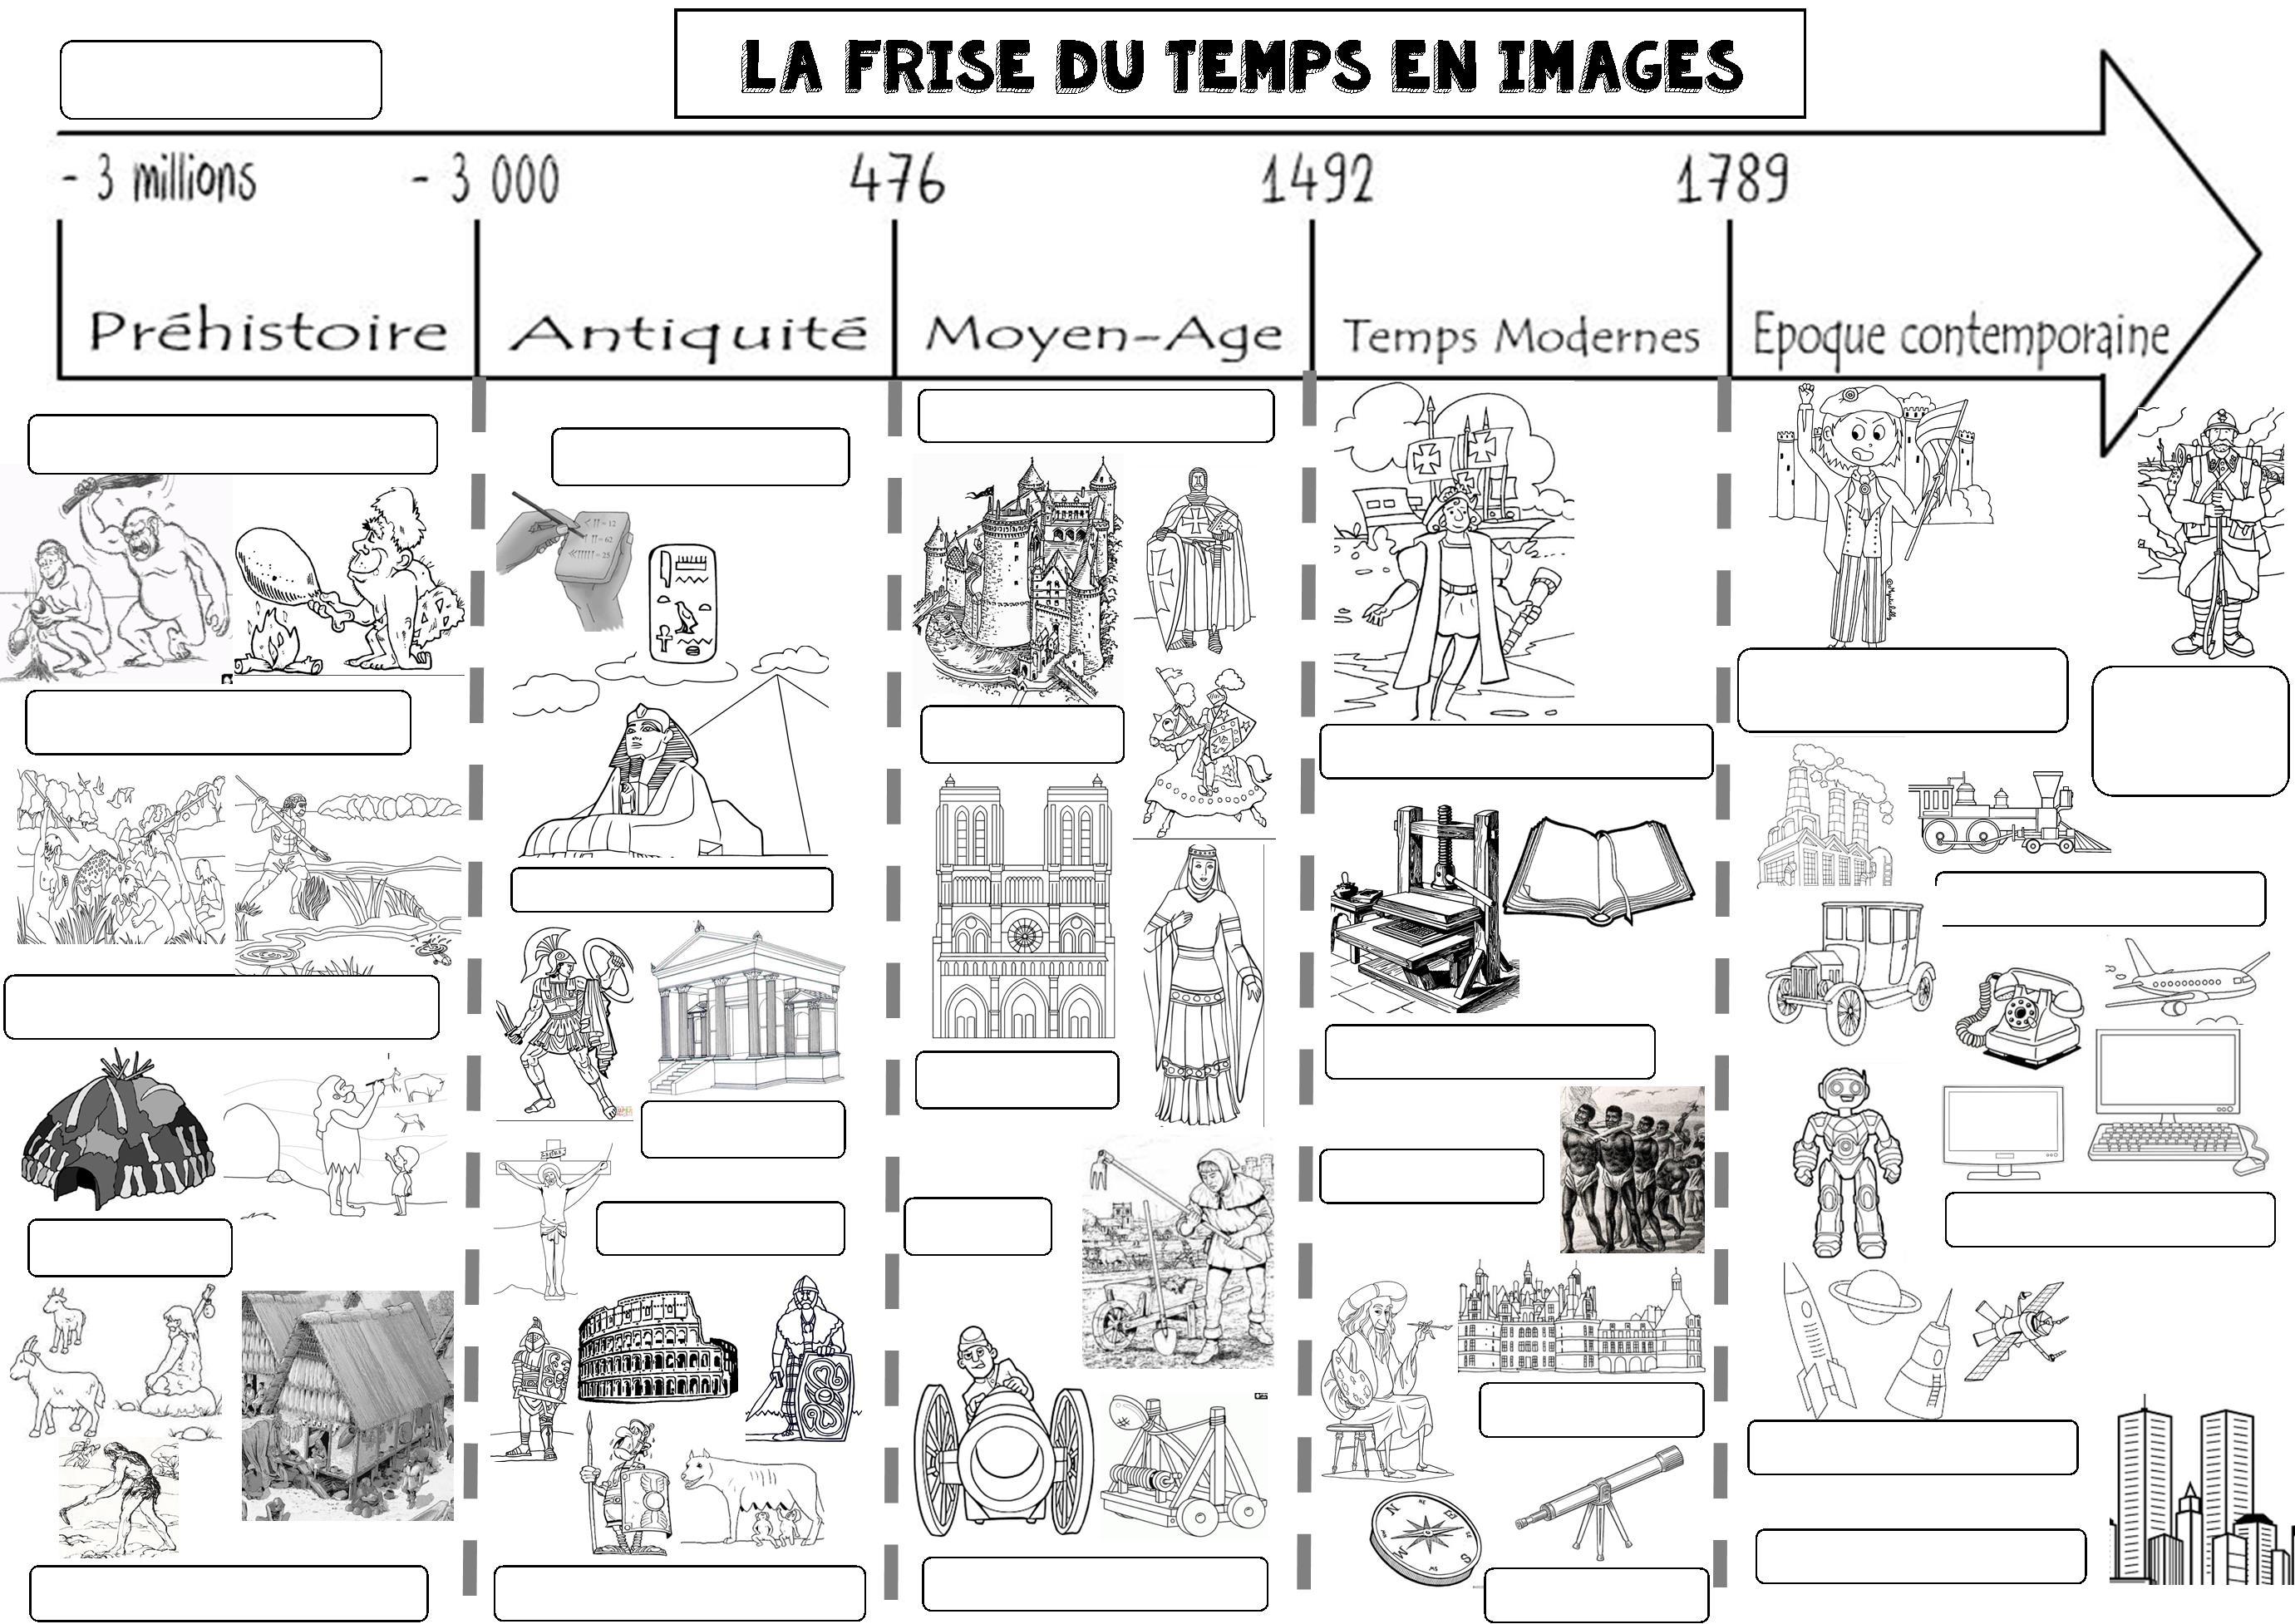 Frise Du Temps En Images | Le Blog De Monsieur Mathieu tout Frise Chronologique Vierge Ce1